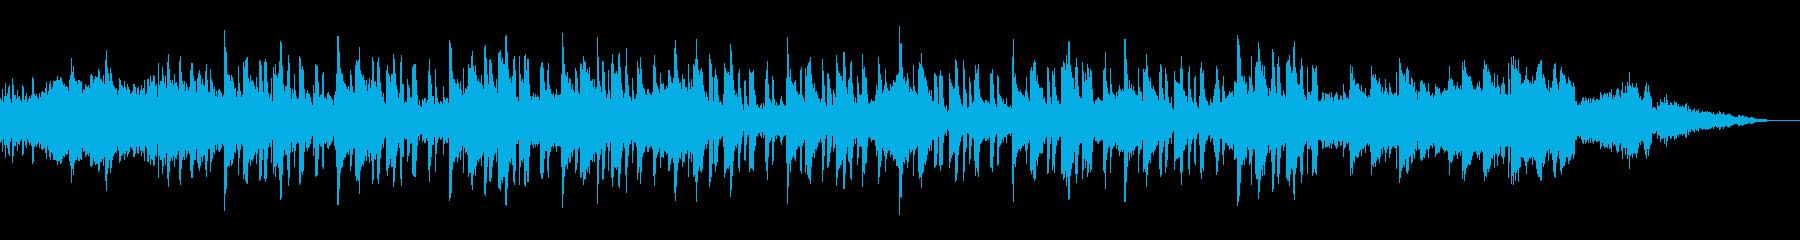 スクエアプッシャーのようなメロディーですの再生済みの波形